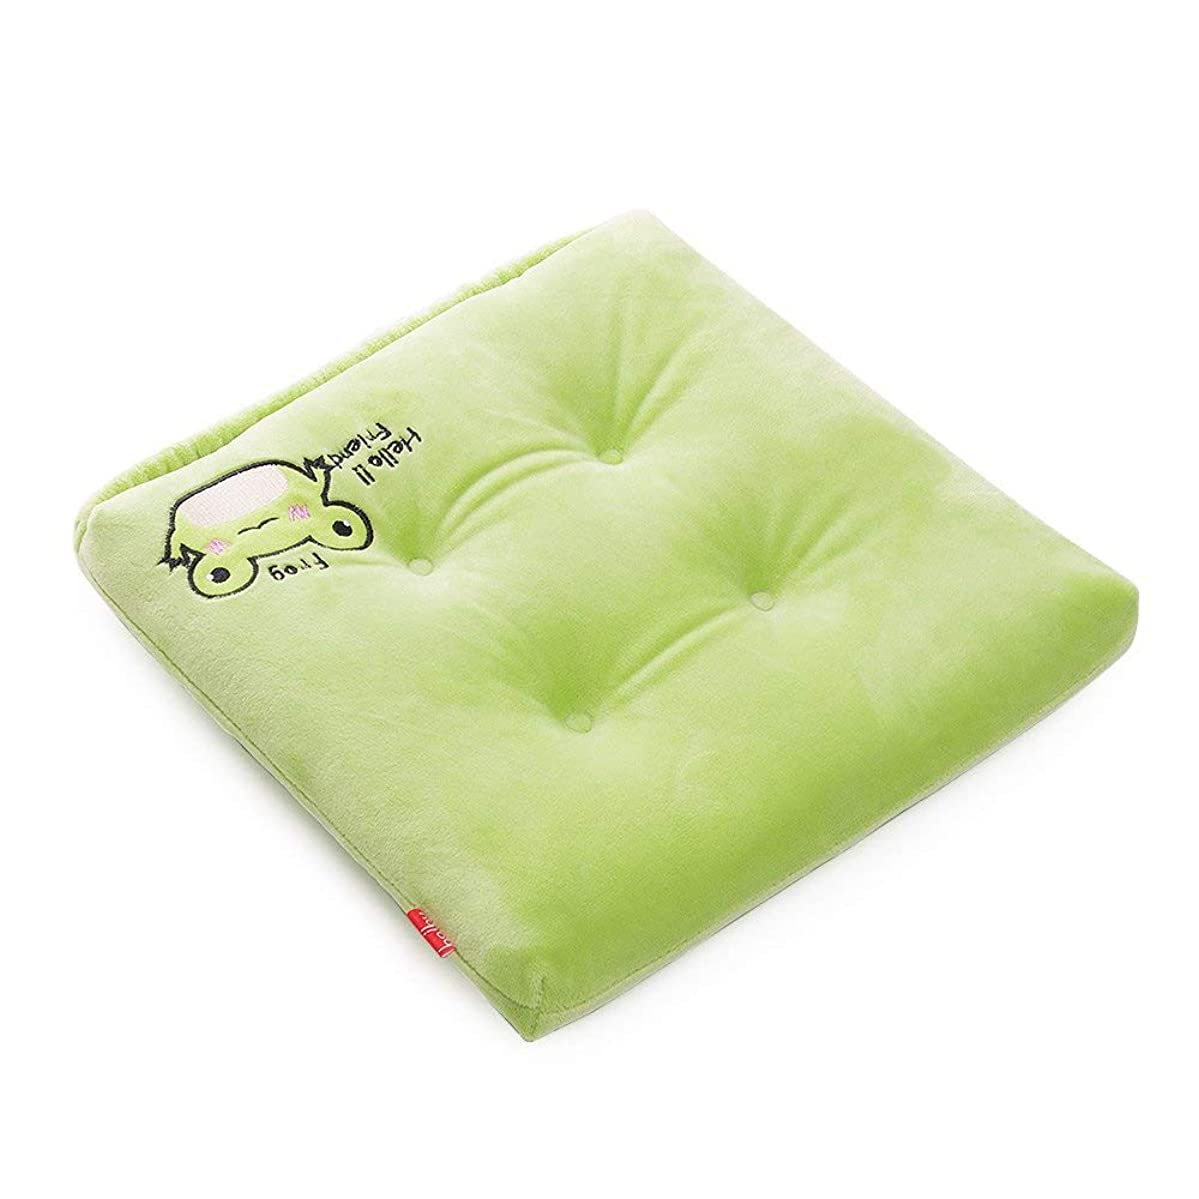 収入個人的に用心Baibu Home かわいい 学童 クッション いす用 座布団 通気性 ベビーチェアークッション 子供 クッション 30×30 丸洗える 固定ゴム付き